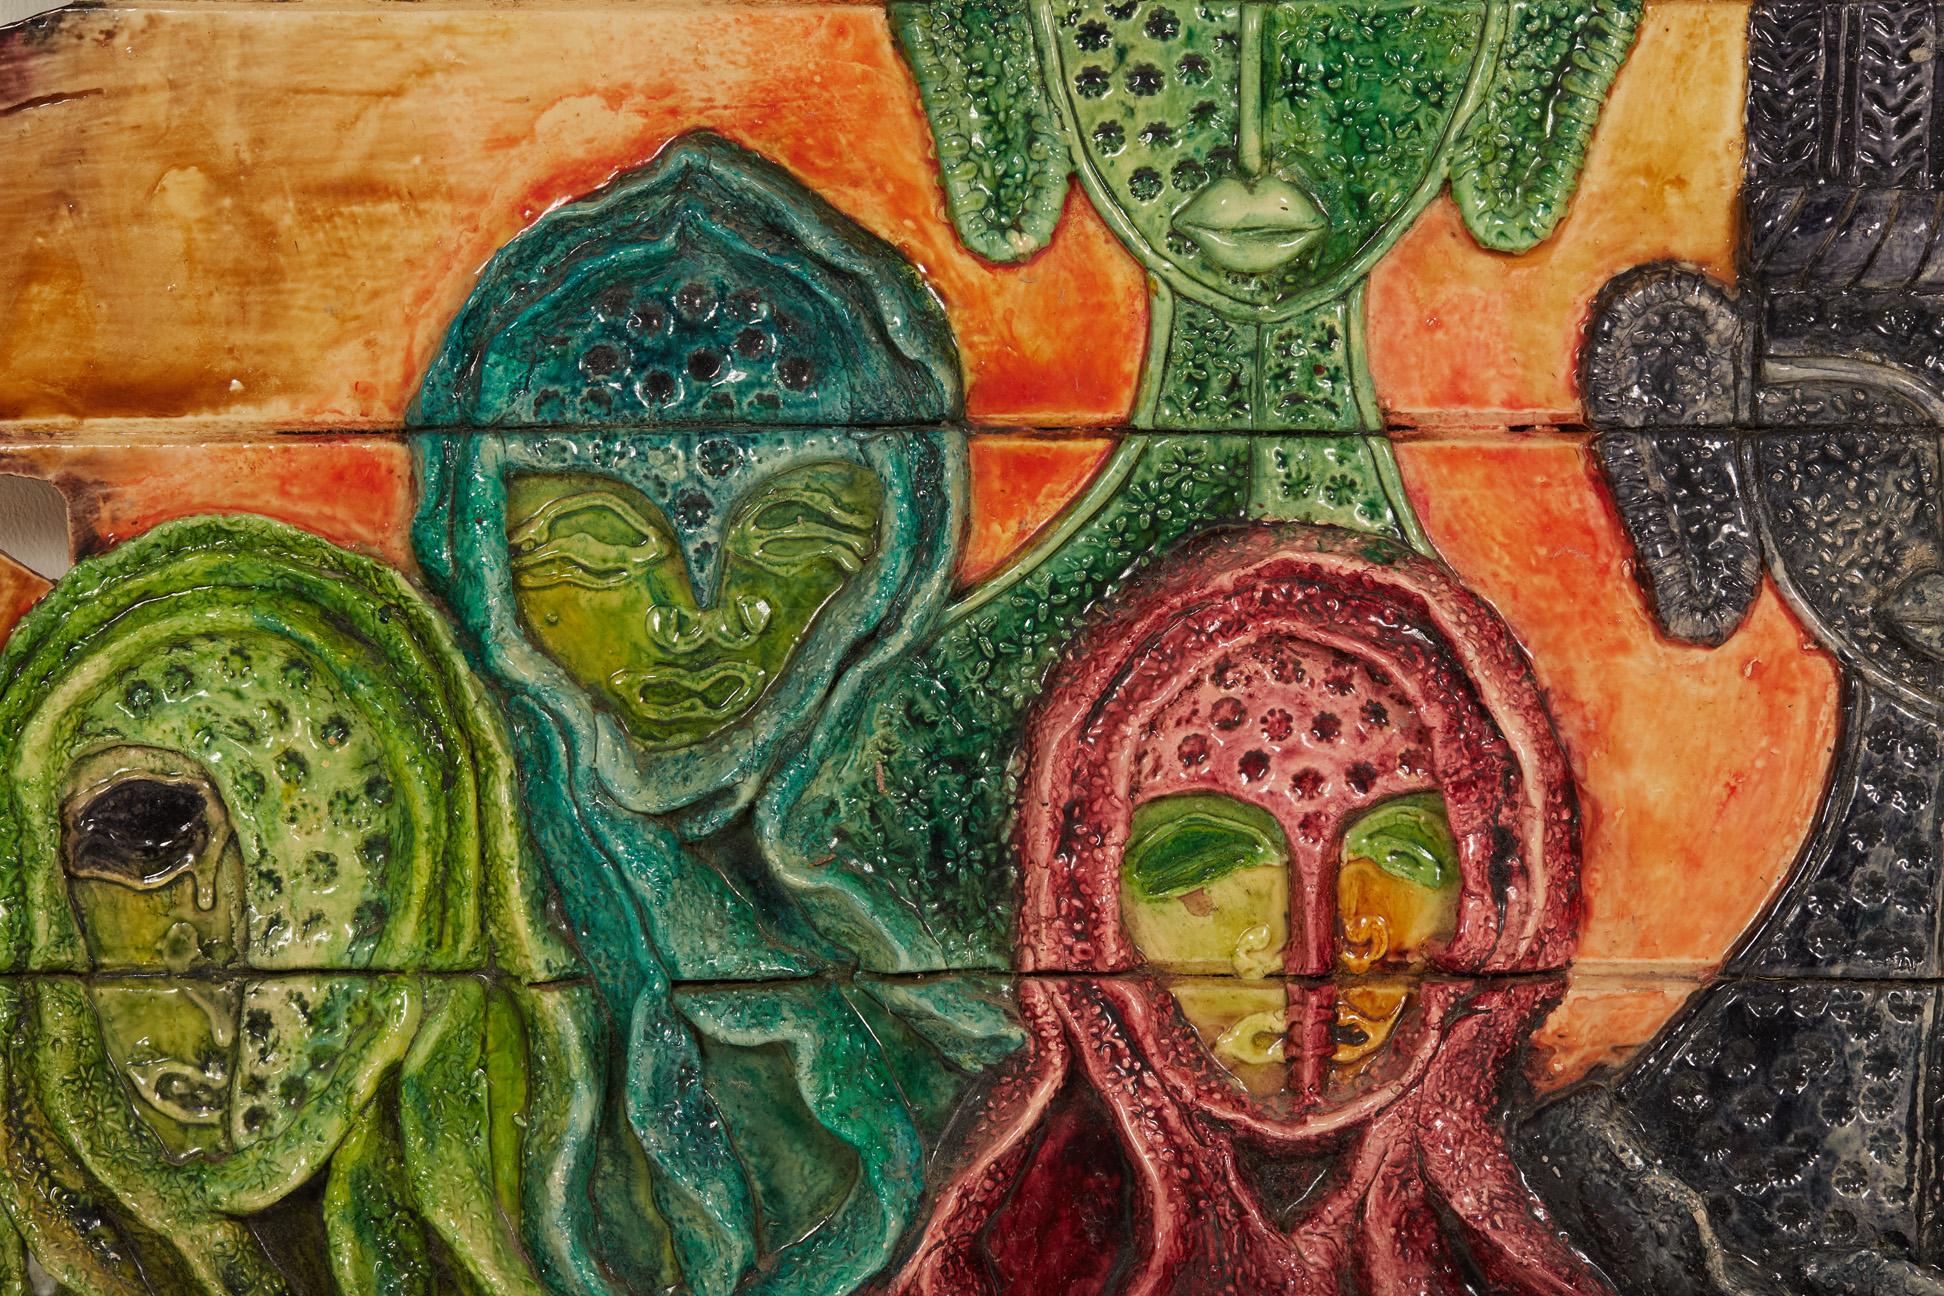 RANU KEDIA (20/21ST CENTURY) - UNTITLED, FIGURES - Image 2 of 3